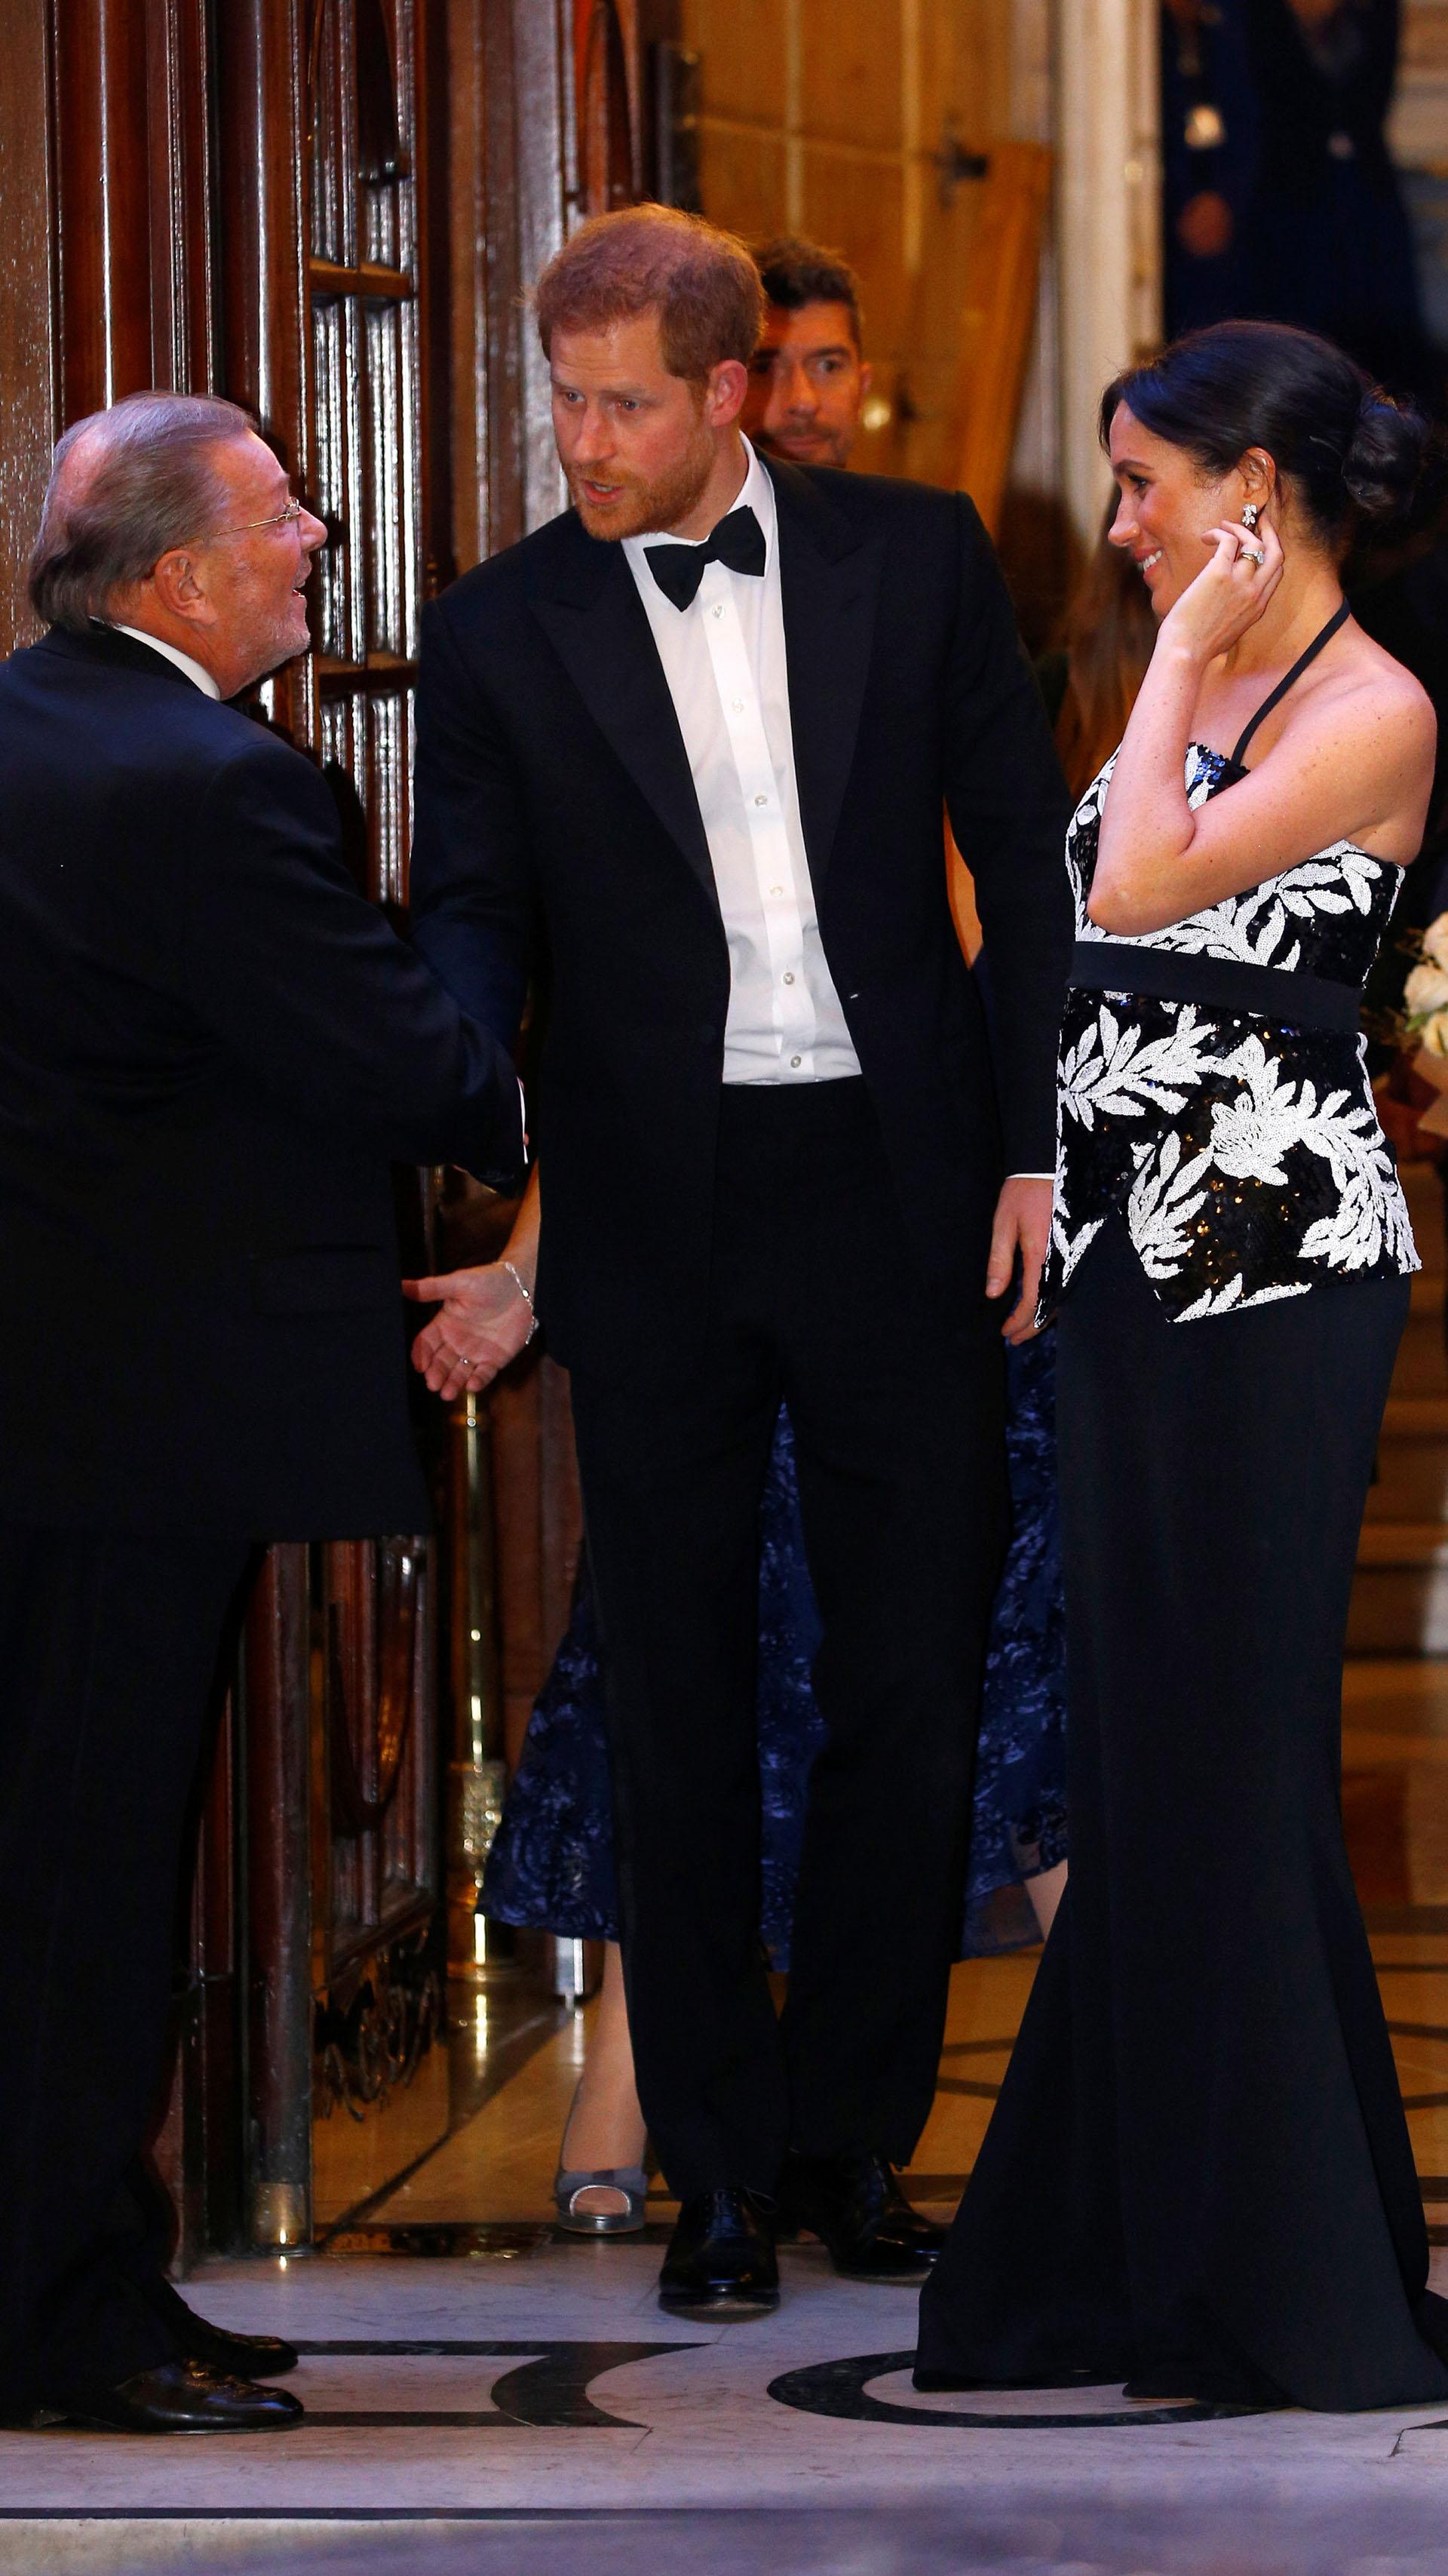 Los duques de Sussex saludaron a los invitados a la función de teatro y conversaron amablemente con ellos